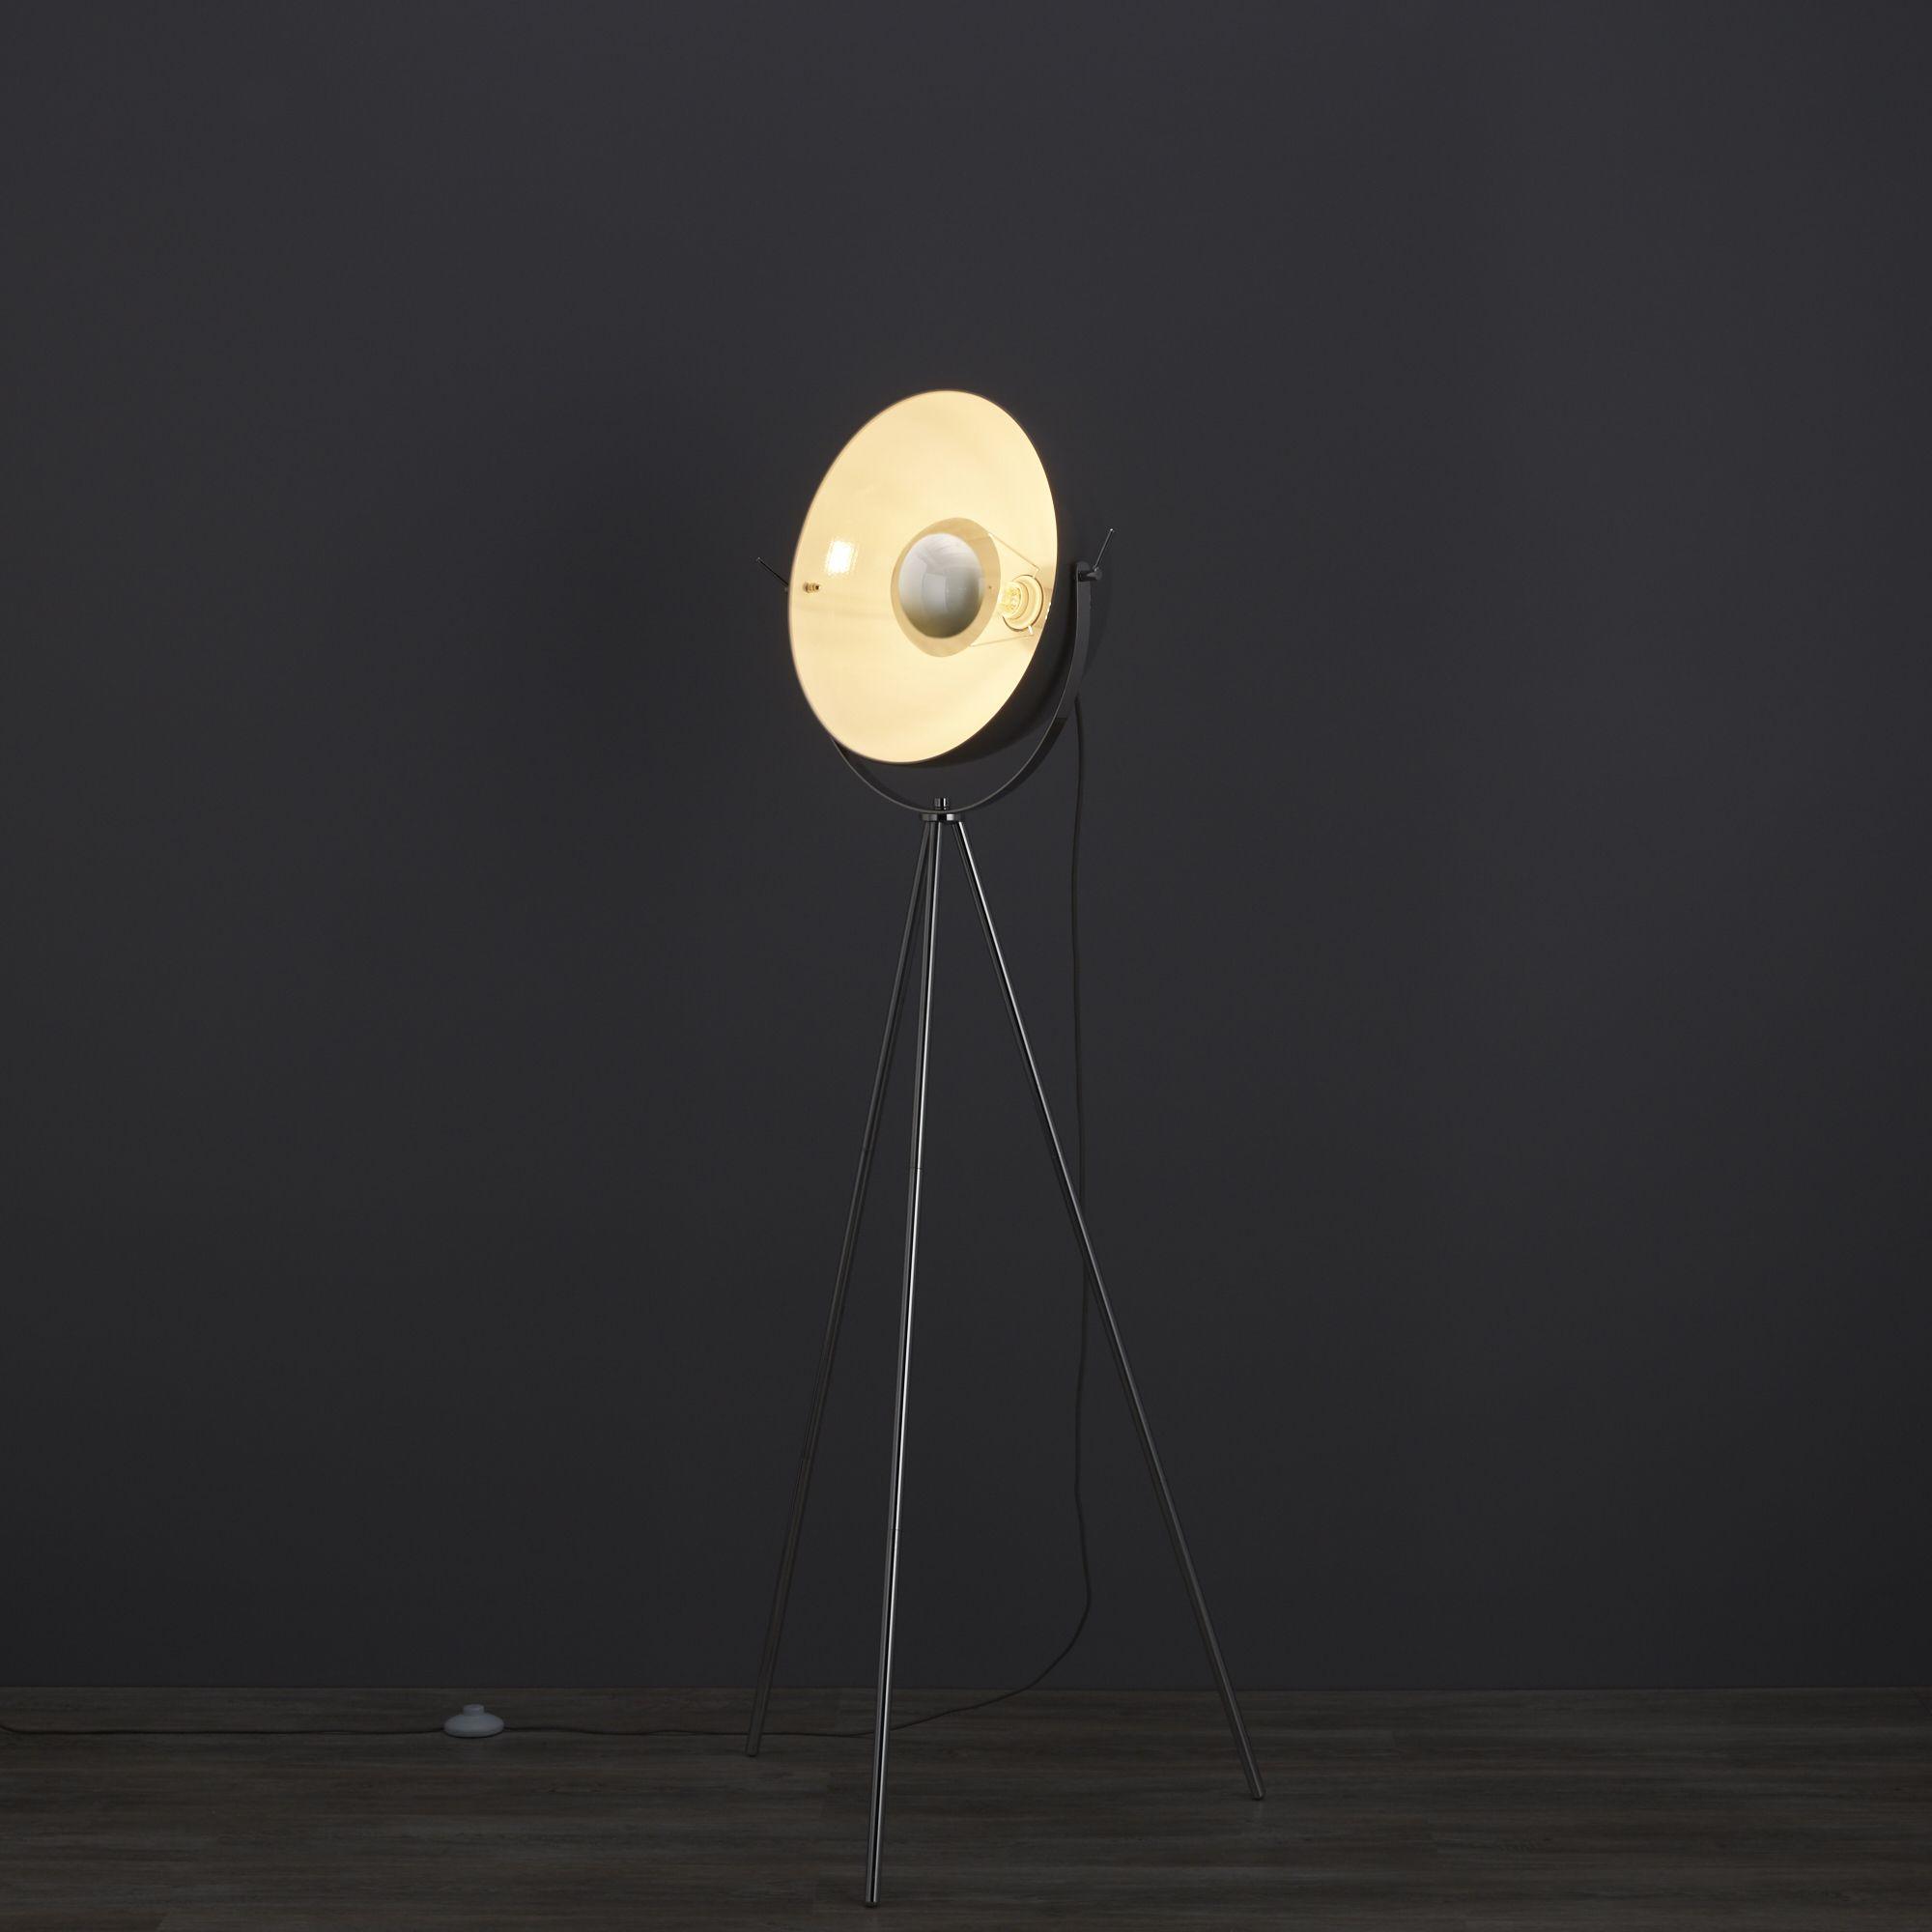 Alboran tripod chrome effect floor lamp departments diy at b q - Diy ceiling lamps ...